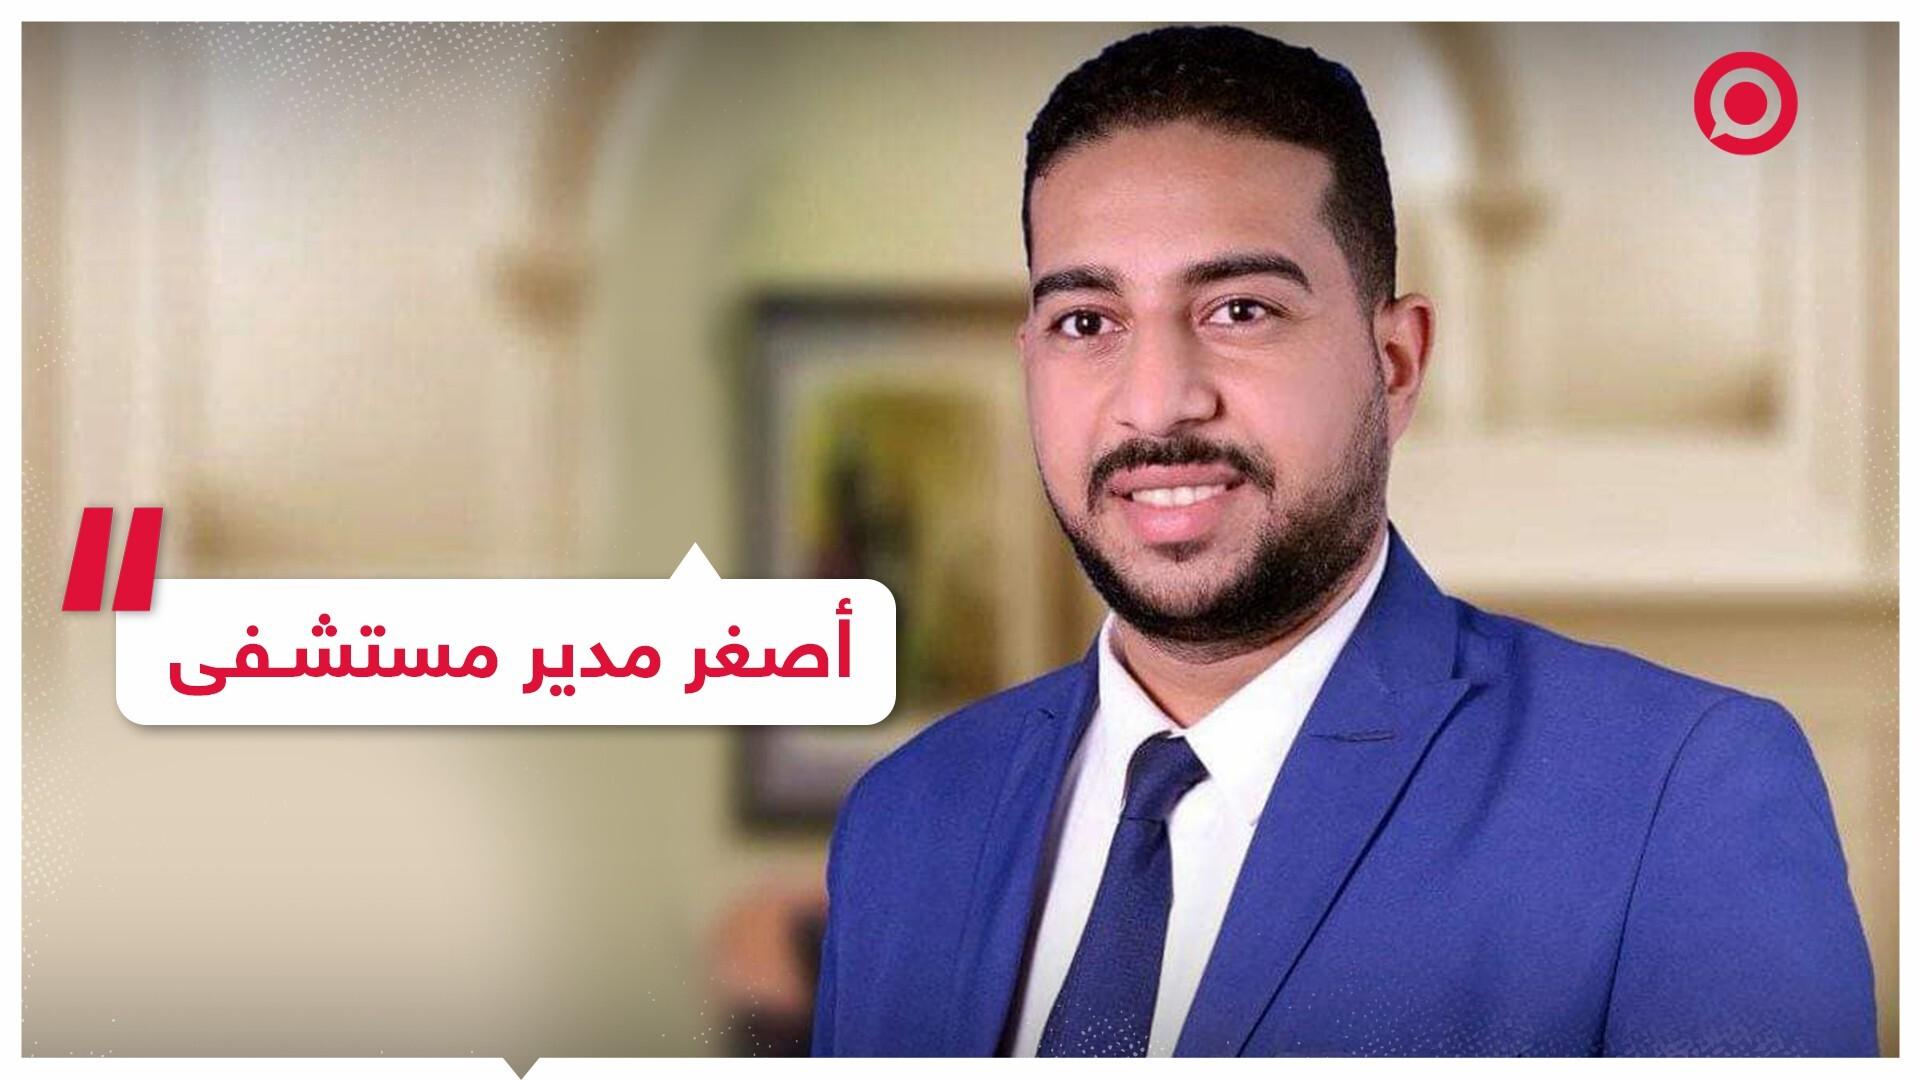 """موسوعة """"غينيس"""" تختار مصريا كأصغر مدير مستشفى في العالم"""